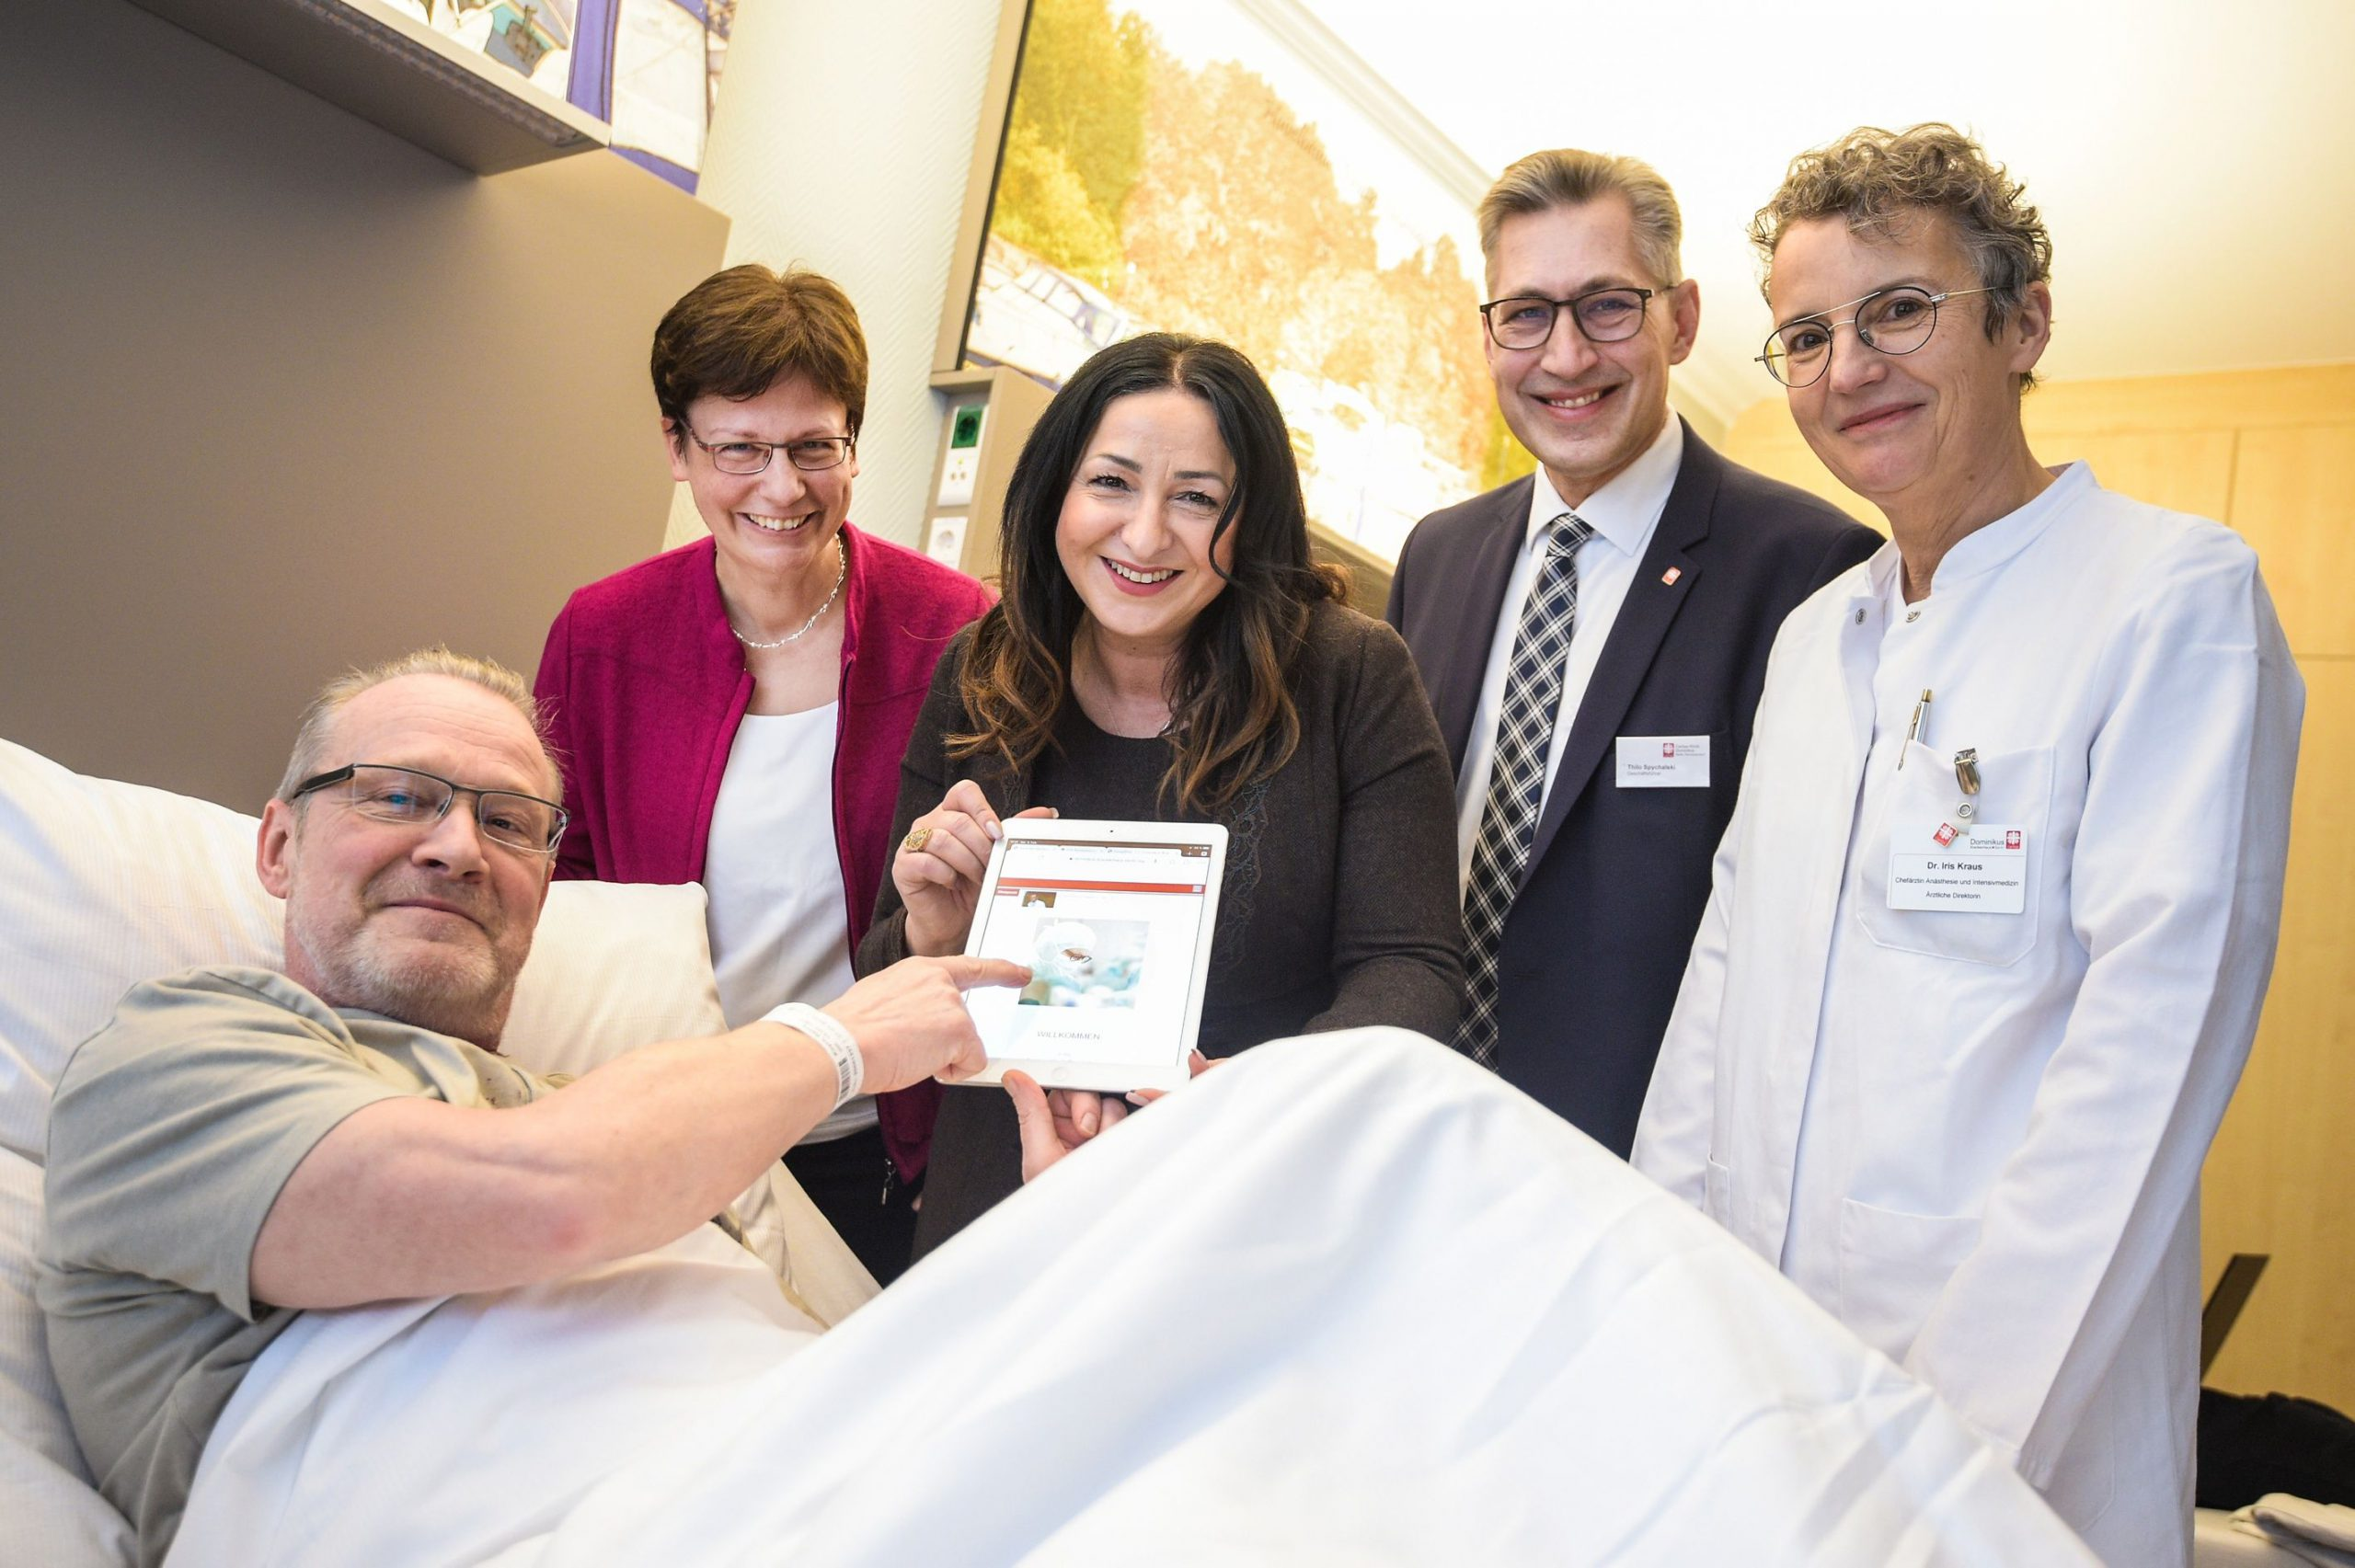 Gesundheitssenatorin schaltet kostenfreies Patienten-WLAN frei